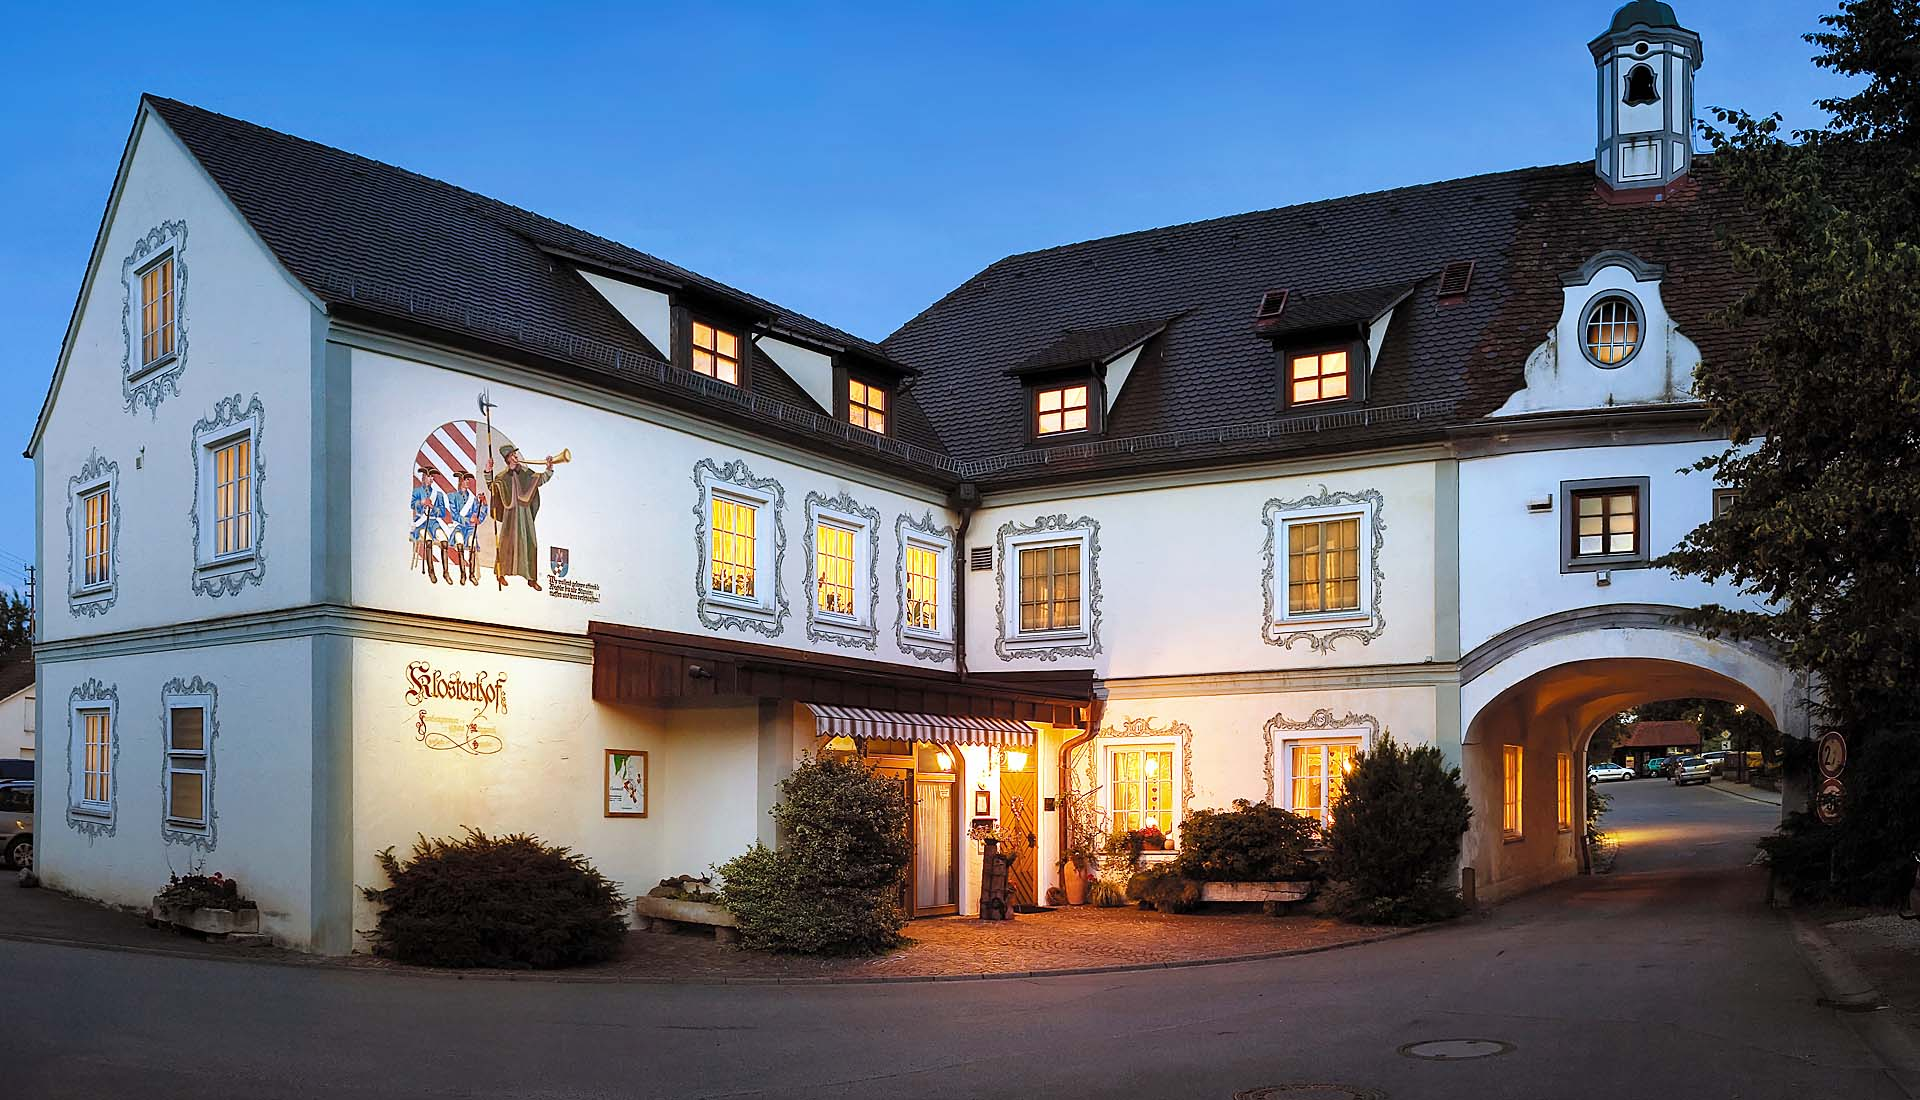 Slide Hotel Aussen-KLosterhof Gutenzell-1920x1100